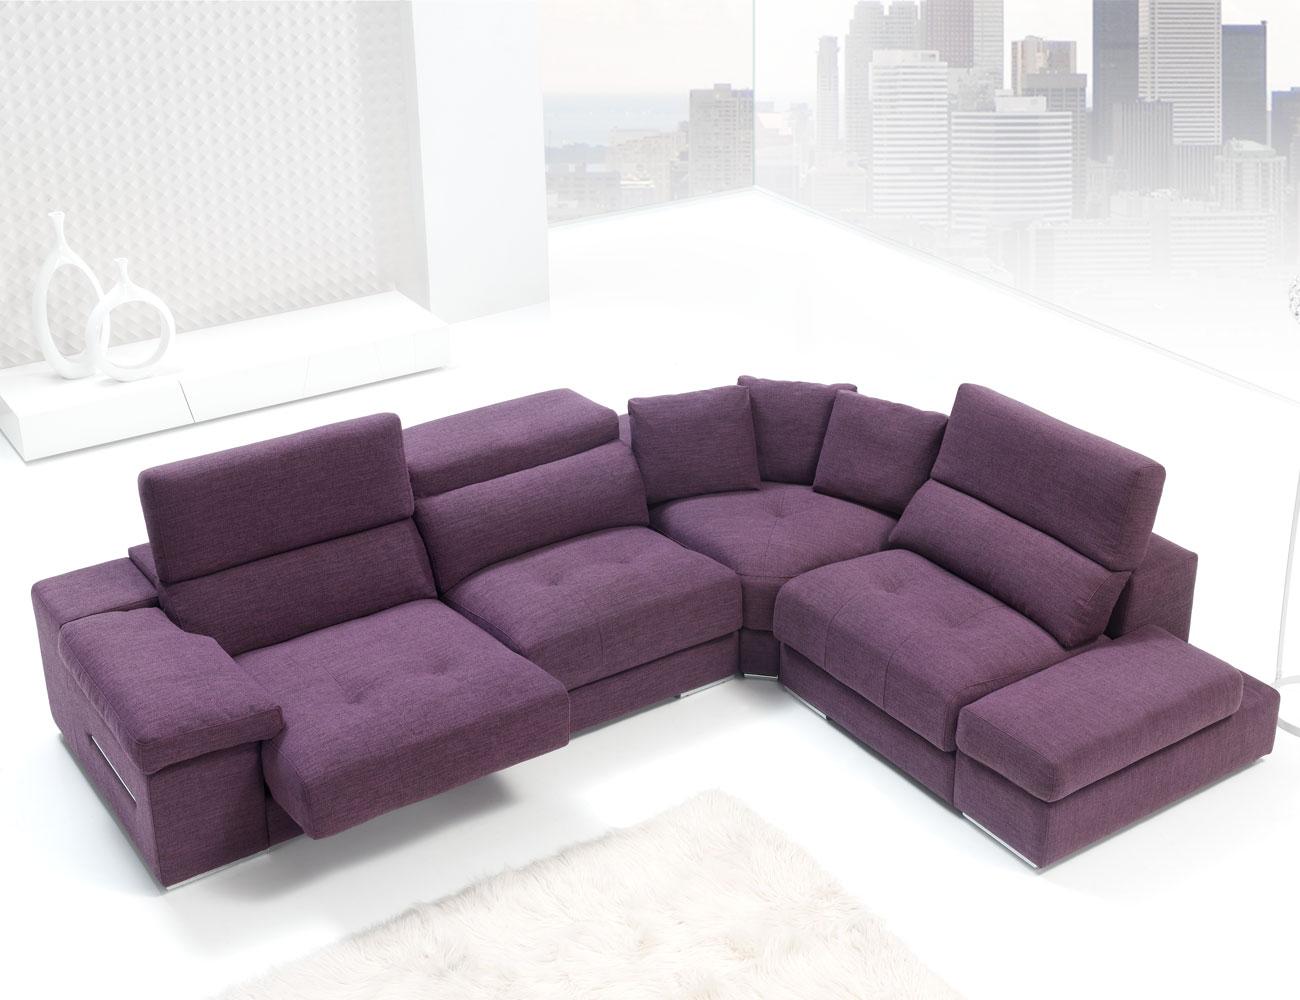 Sofa chaiselongue rincon con brazo mecanico tejido anti manchas 268